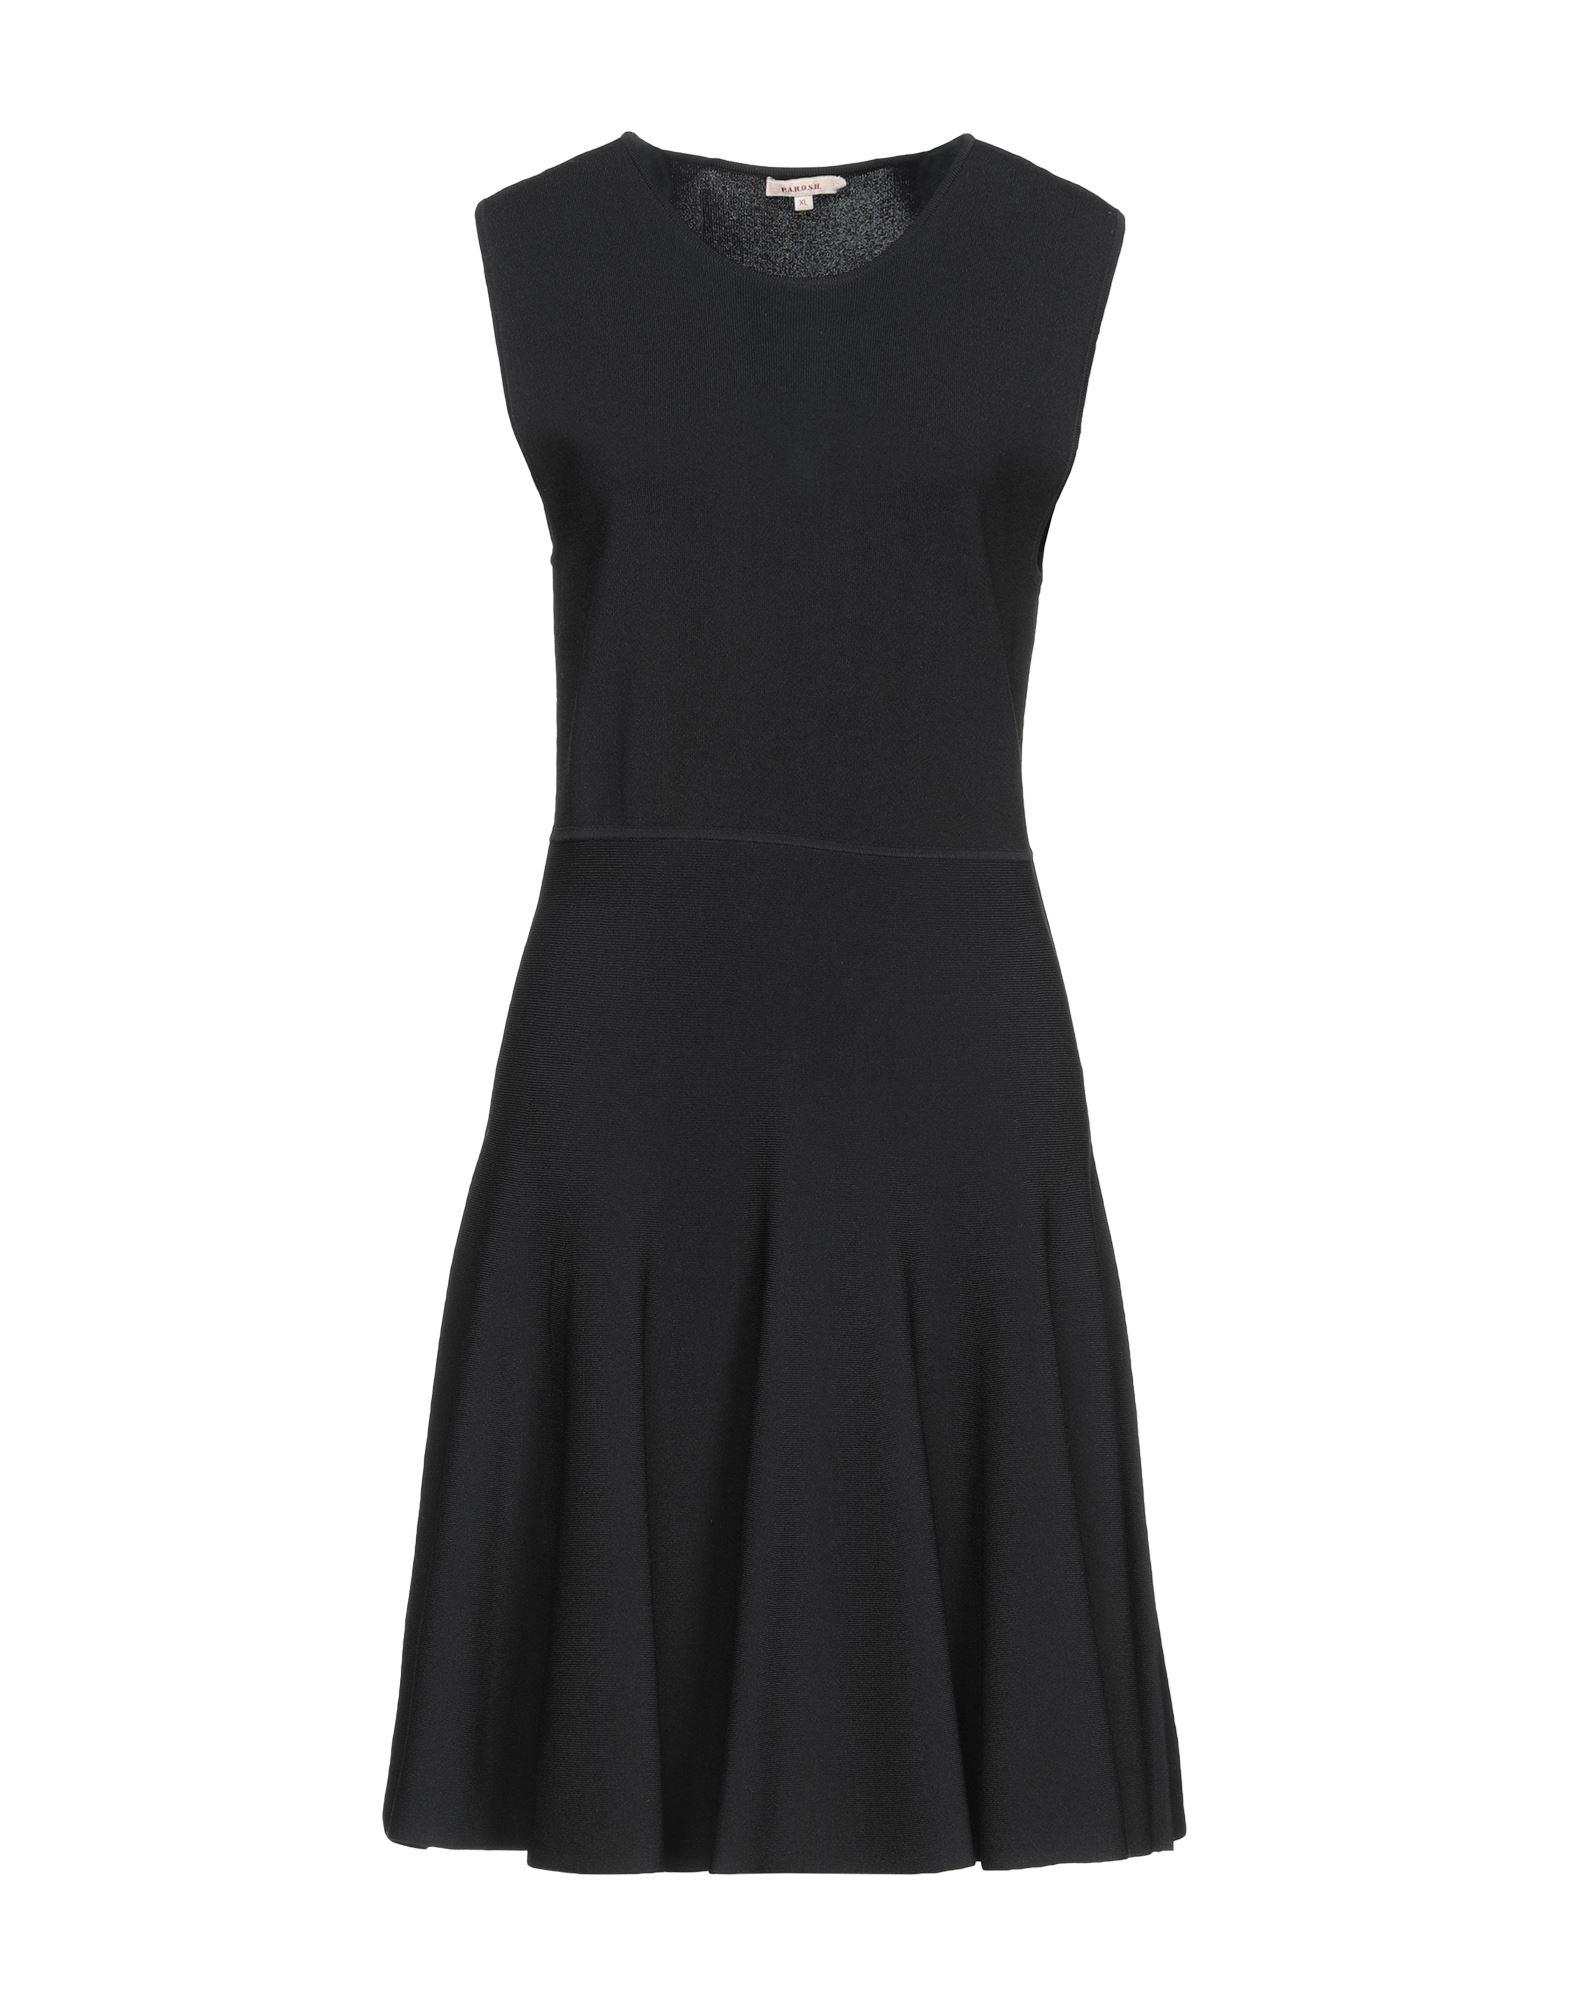 Фото - P.A.R.O.S.H. Короткое платье zanetti 1965 короткое платье